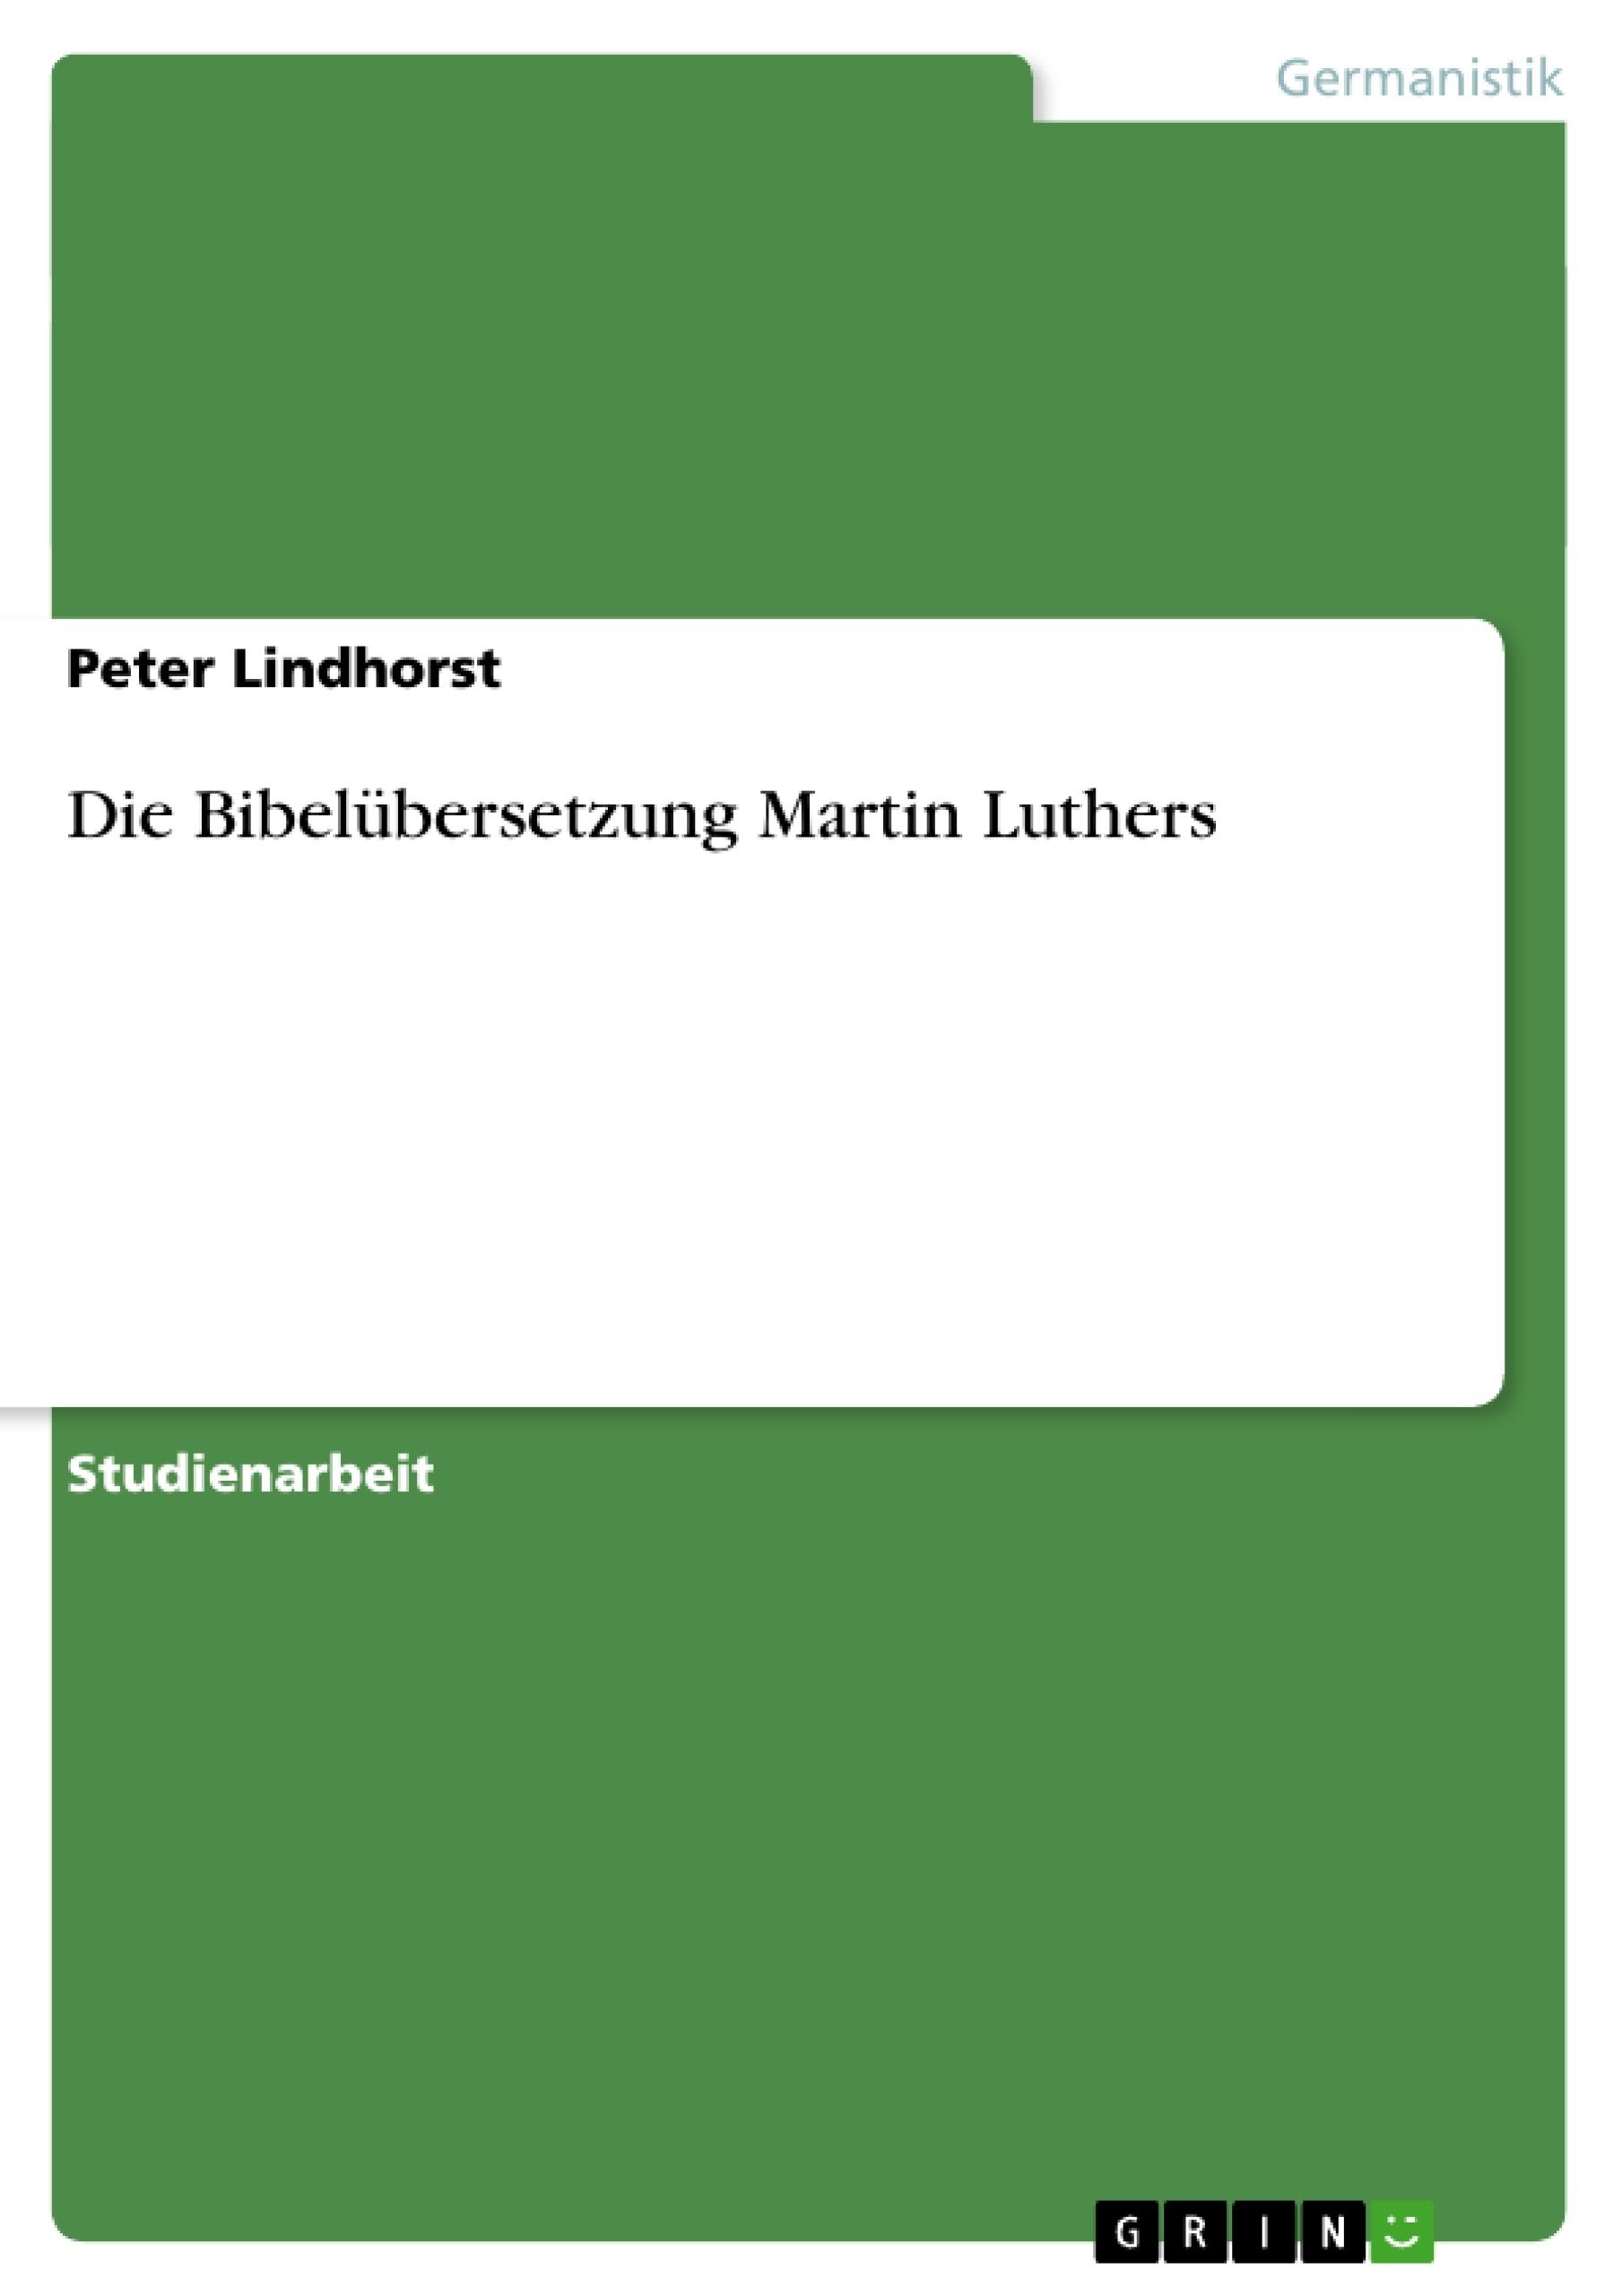 Titel: Die Bibelübersetzung Martin Luthers